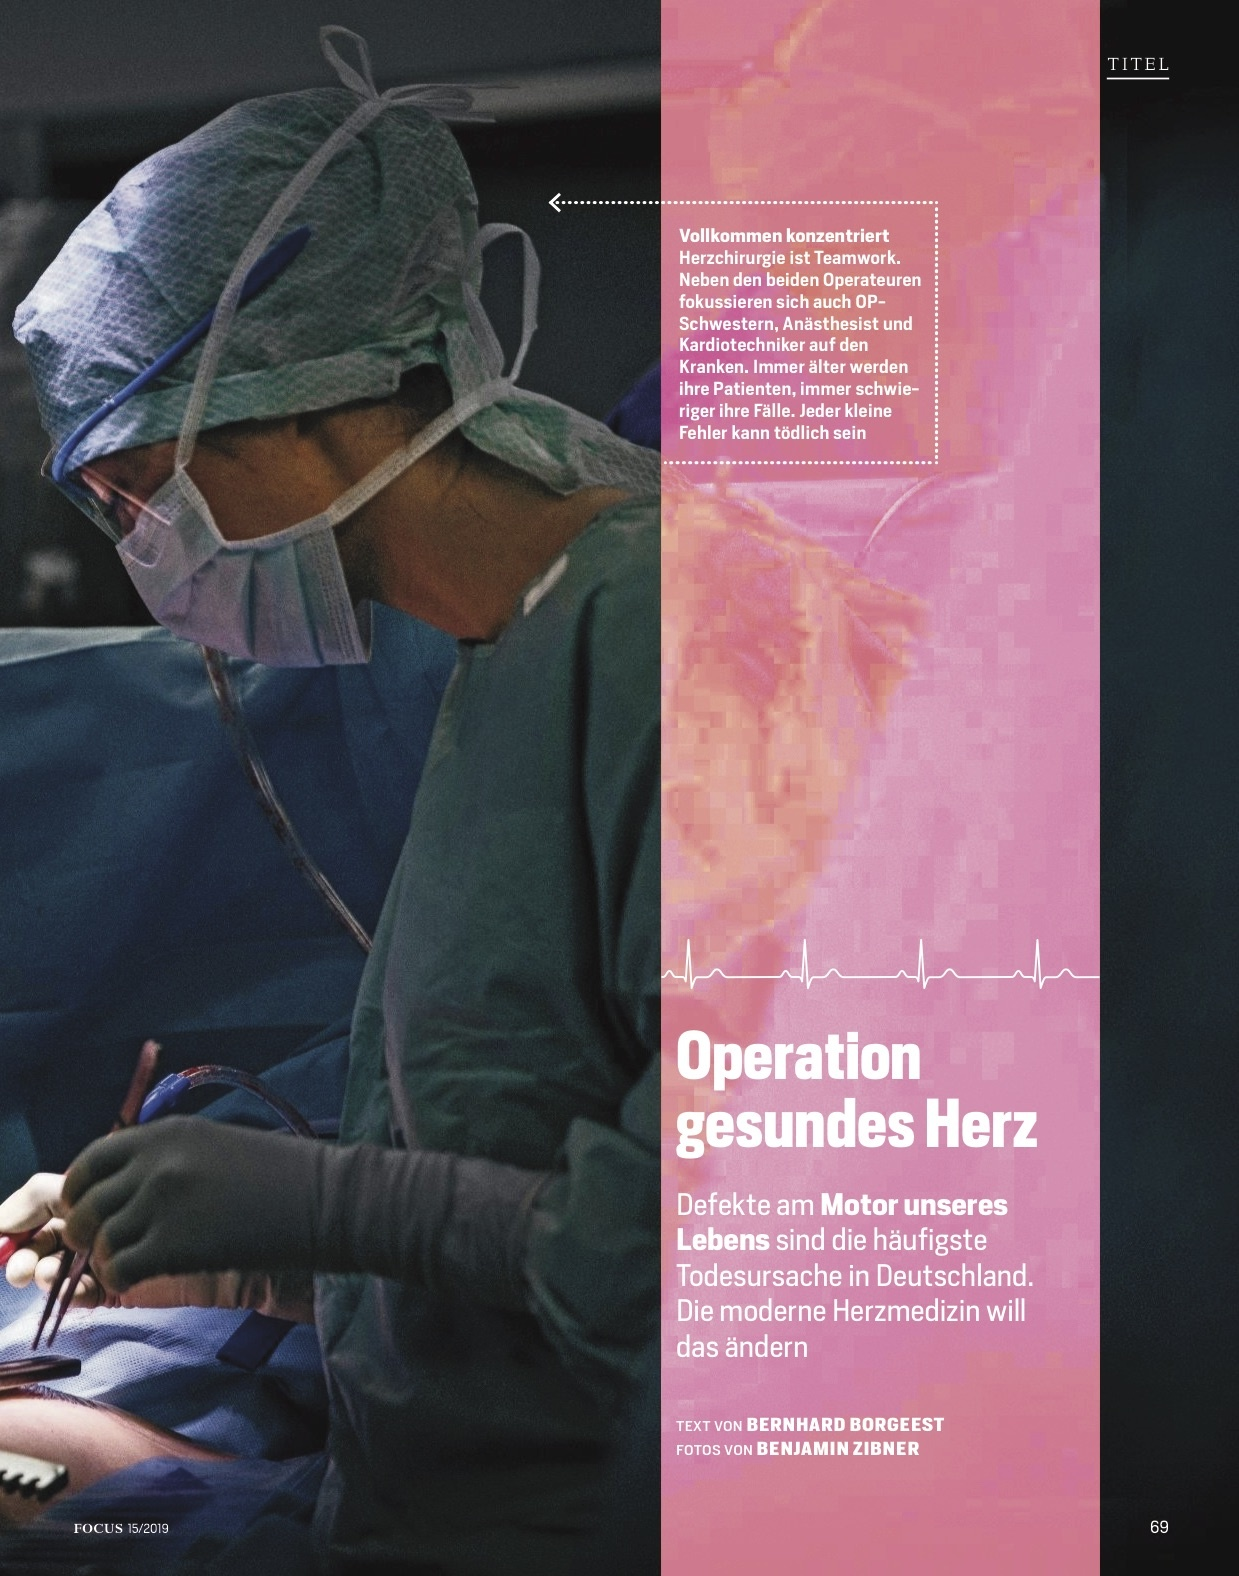 FOCUS Magazin FOCUS Magazin - Rettung für das Herz